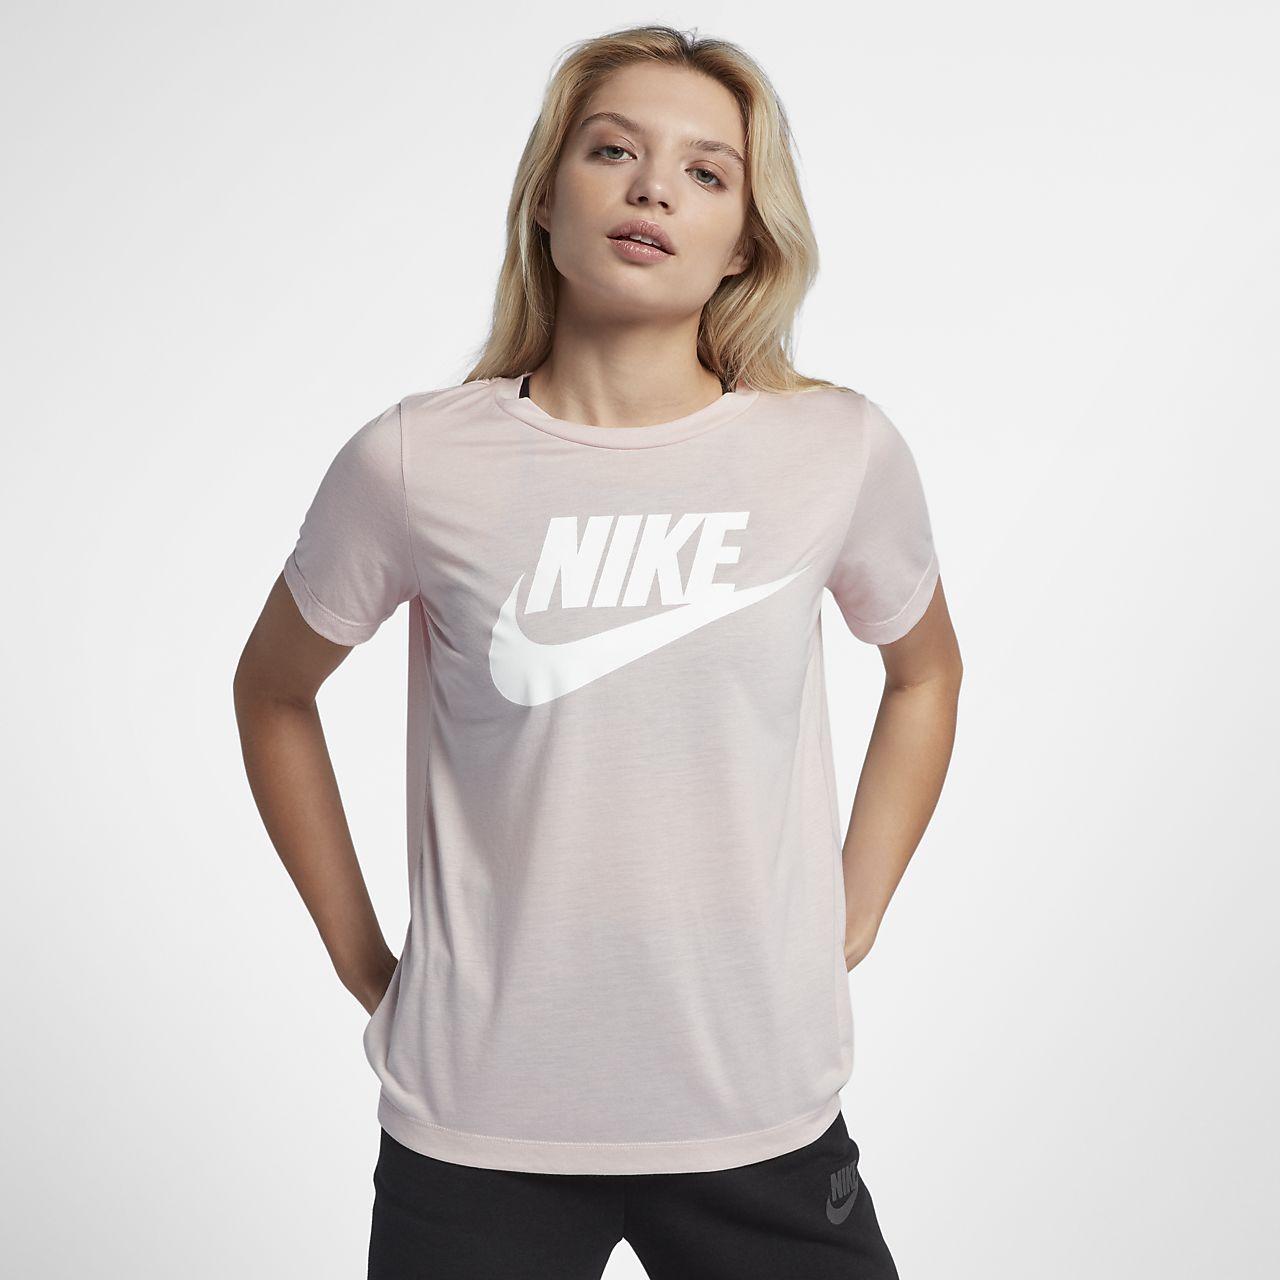 ... Nike Sportswear Essential Women's Logo Short-Sleeve Top